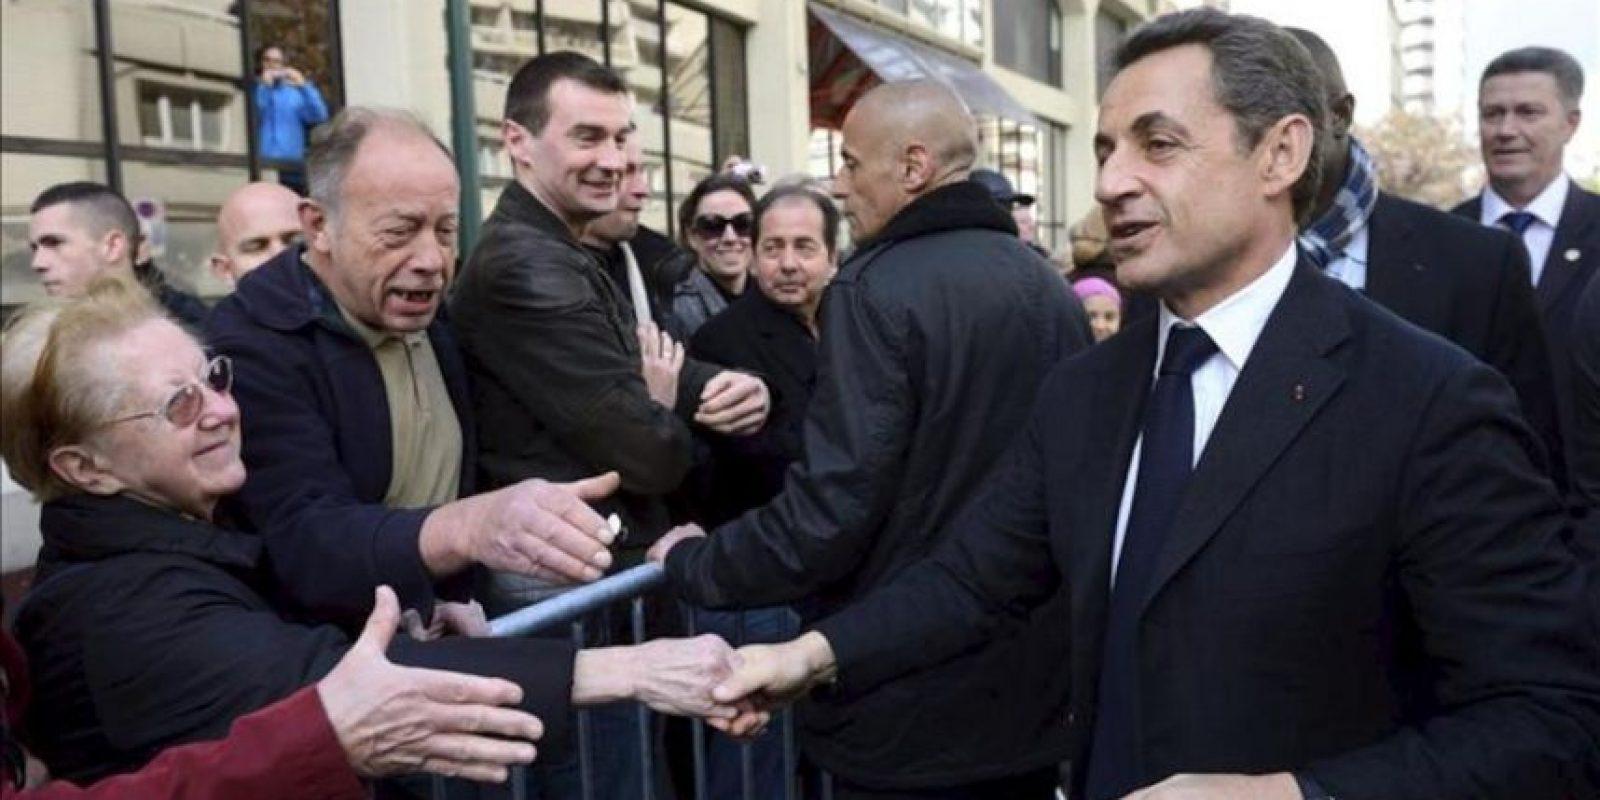 El presidente francés Nicolás Sarkozy saluda a un grupo de simpatizantes durante su visita a Saint Maurice, cerca de París, Francia, ayer jueves 19 de abril. EFE